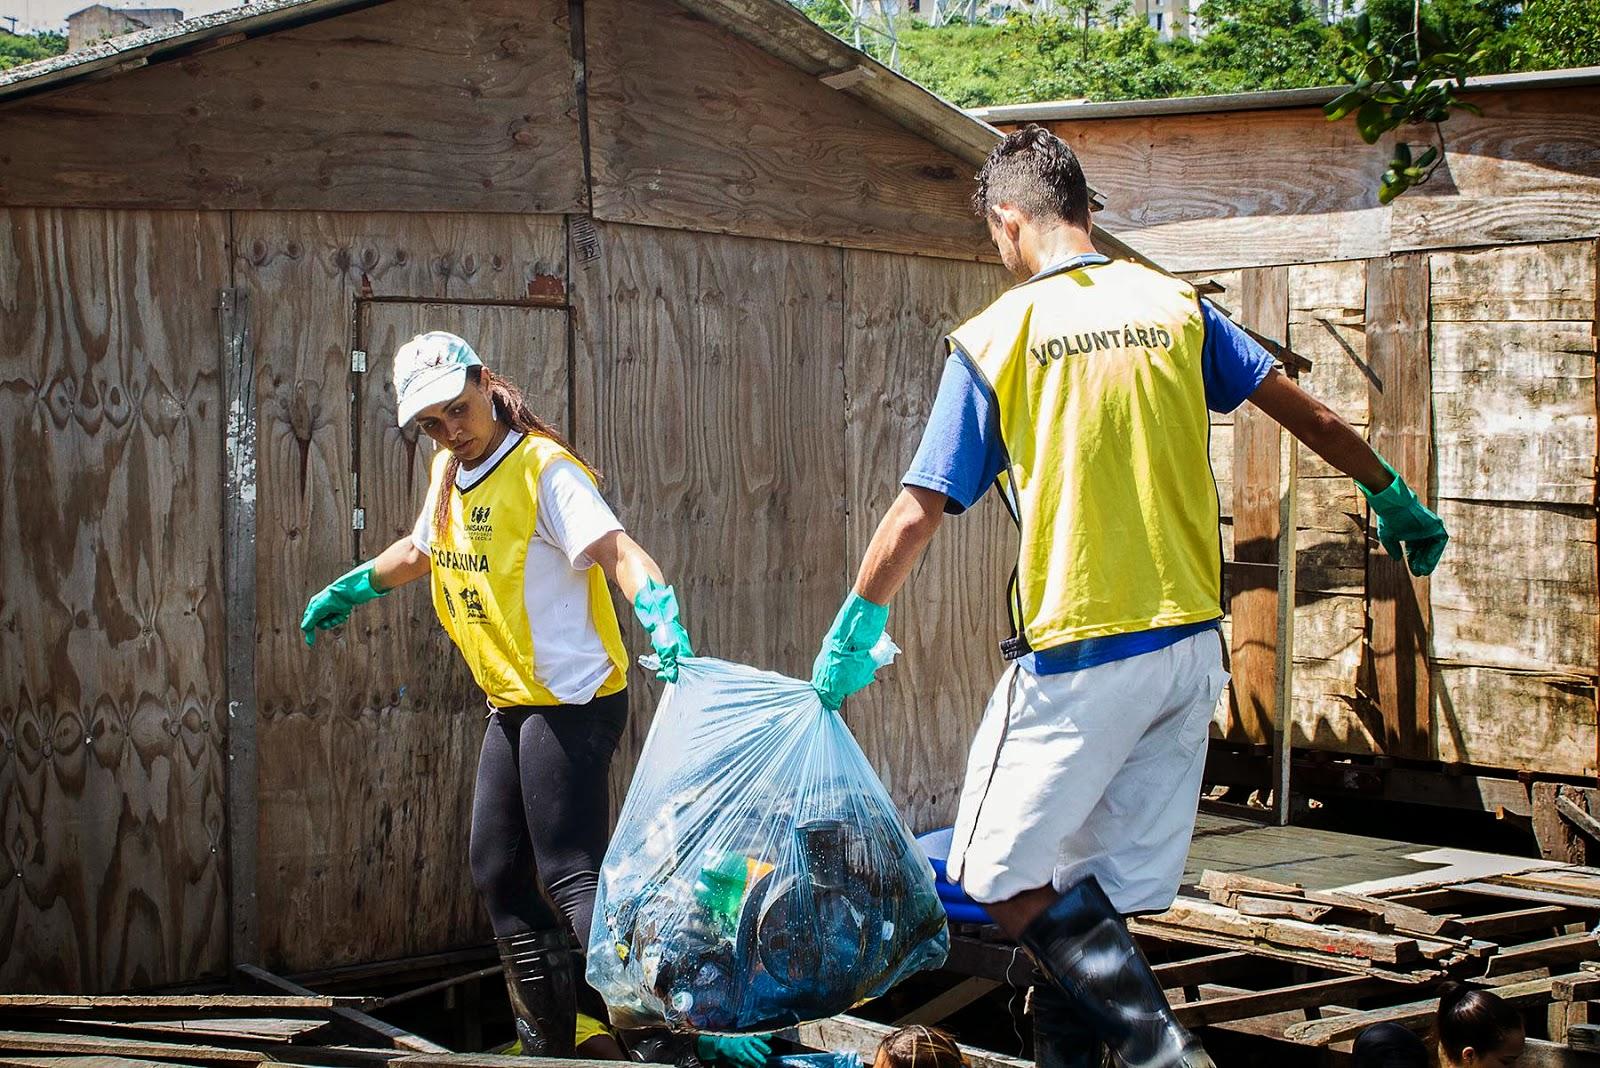 Voluntários em ação. Foto: André Martins / HpnMídia